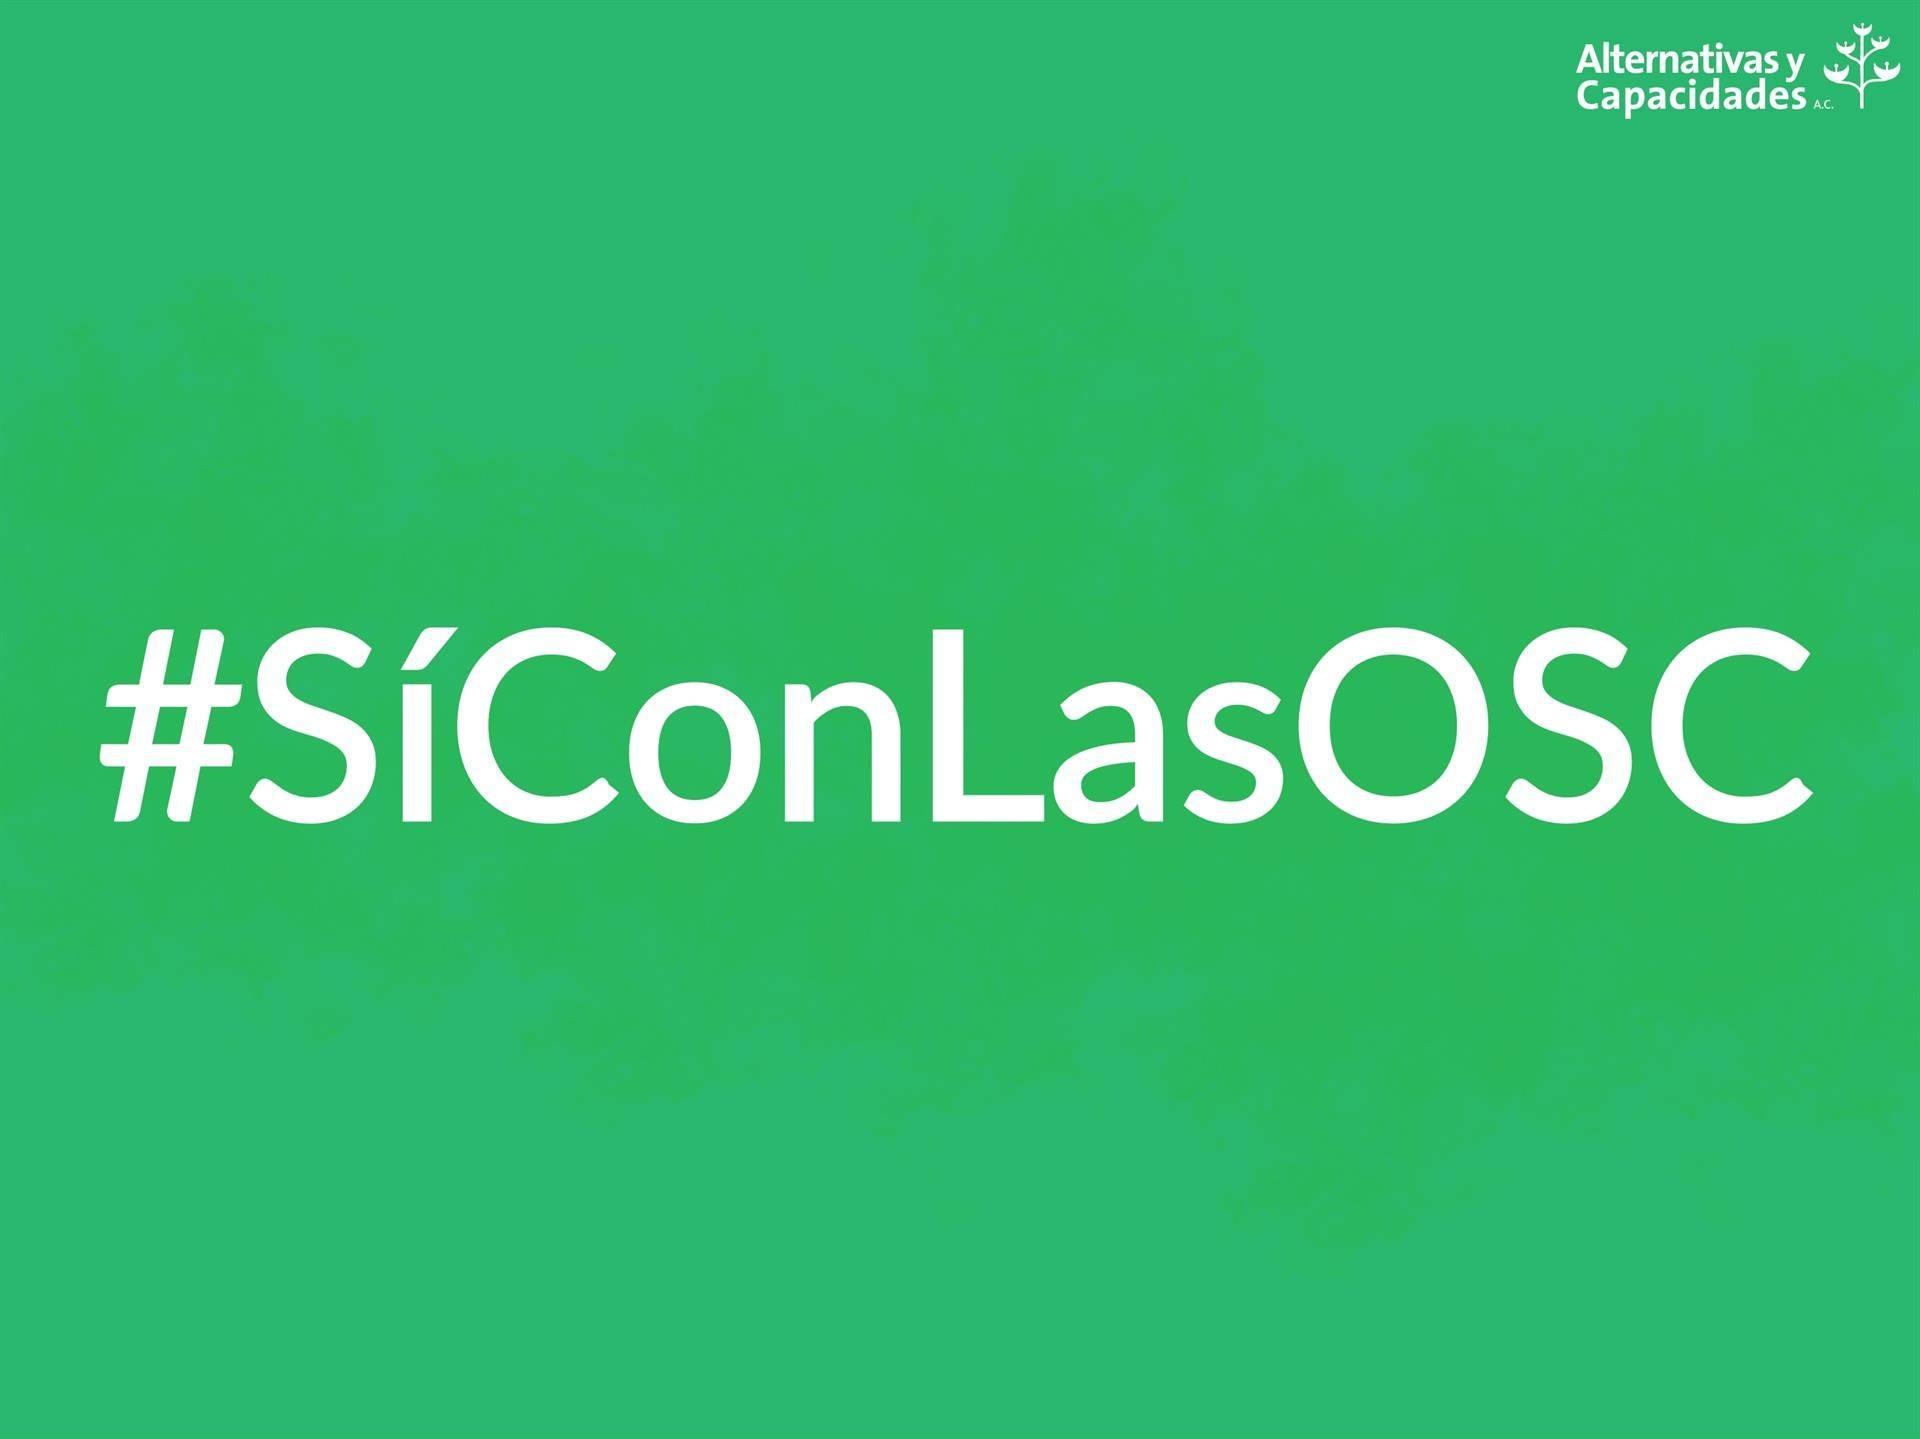 #SíConLasOSC